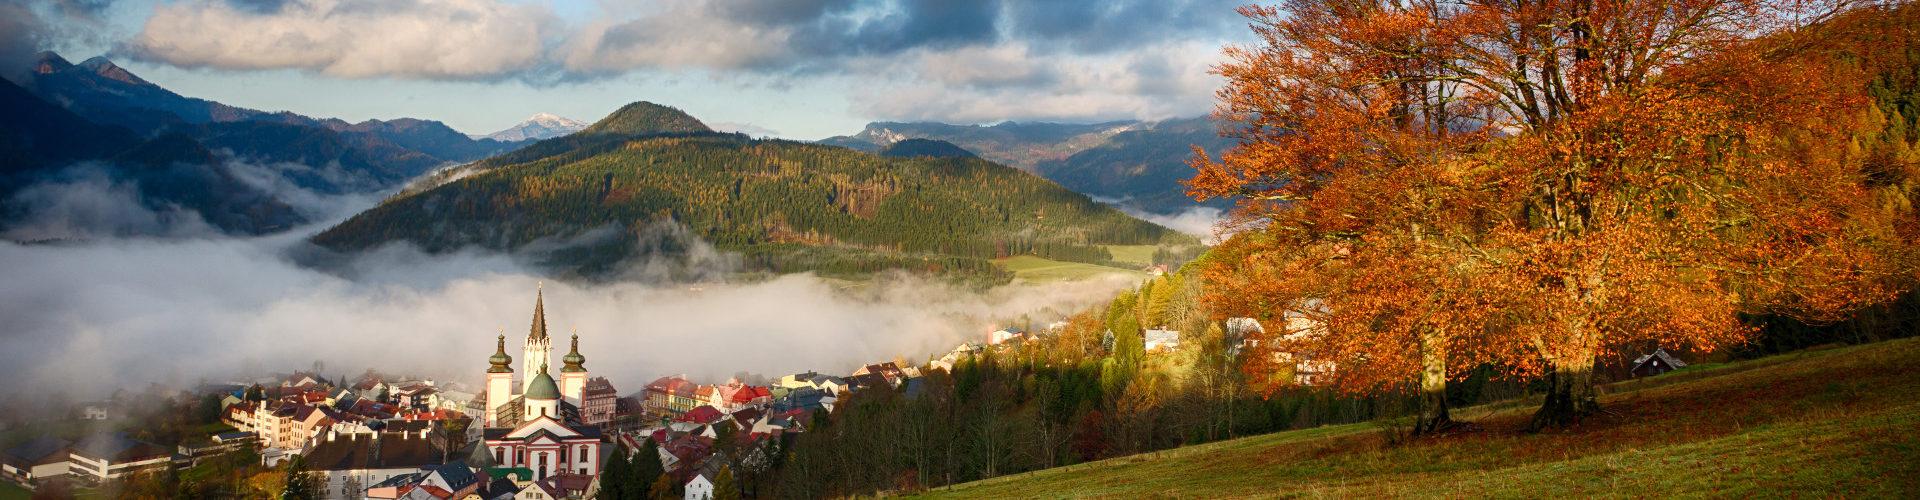 Herbst im Mariazeller Land, © www.mariazell.blog